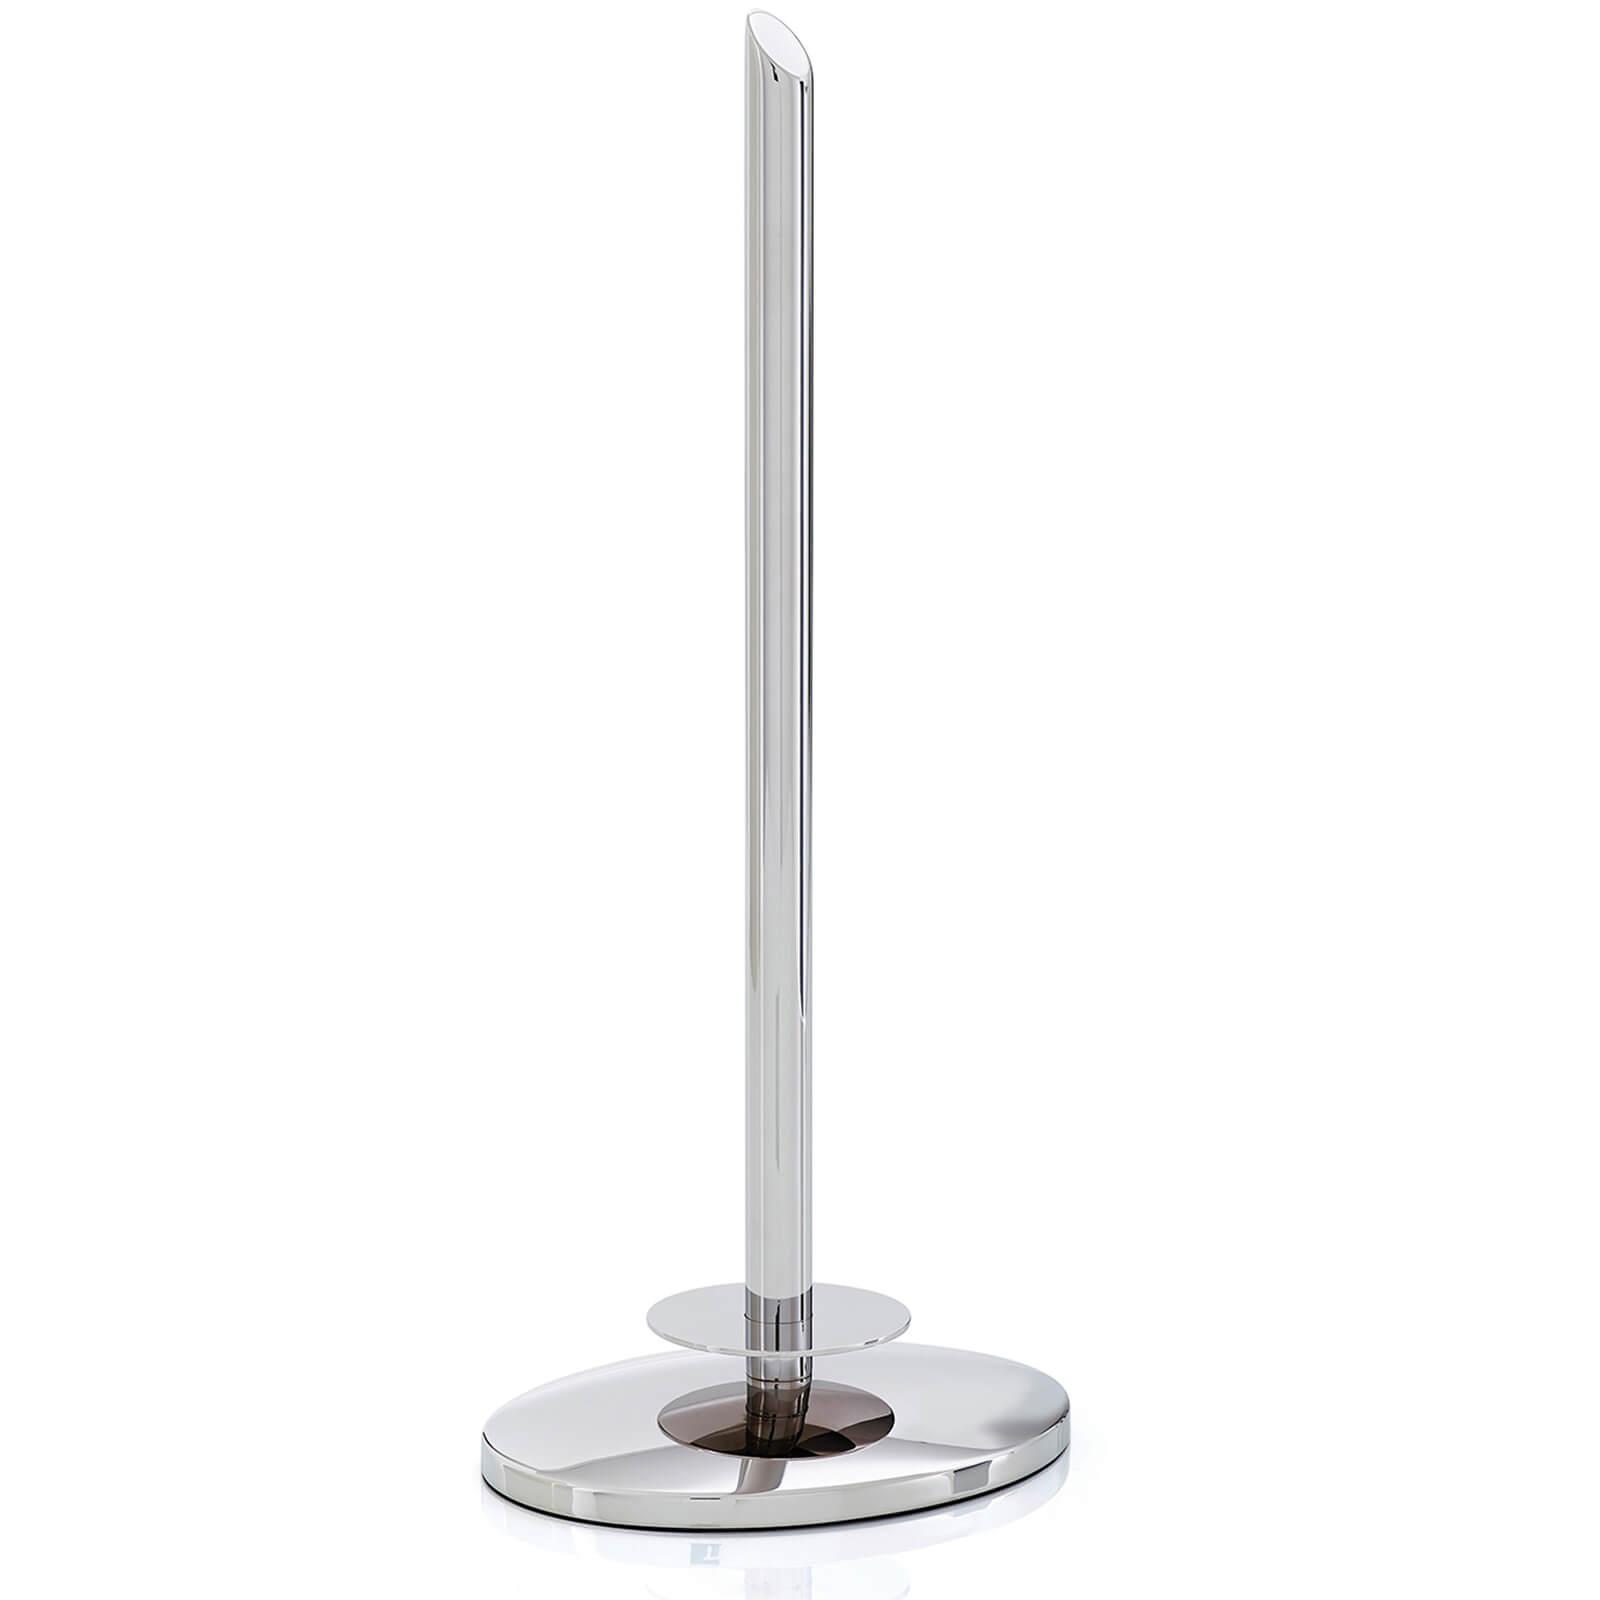 0a2b82876e6e Robert Welch Oblique Floor Standing Toilet Roll Holder Homeware ...